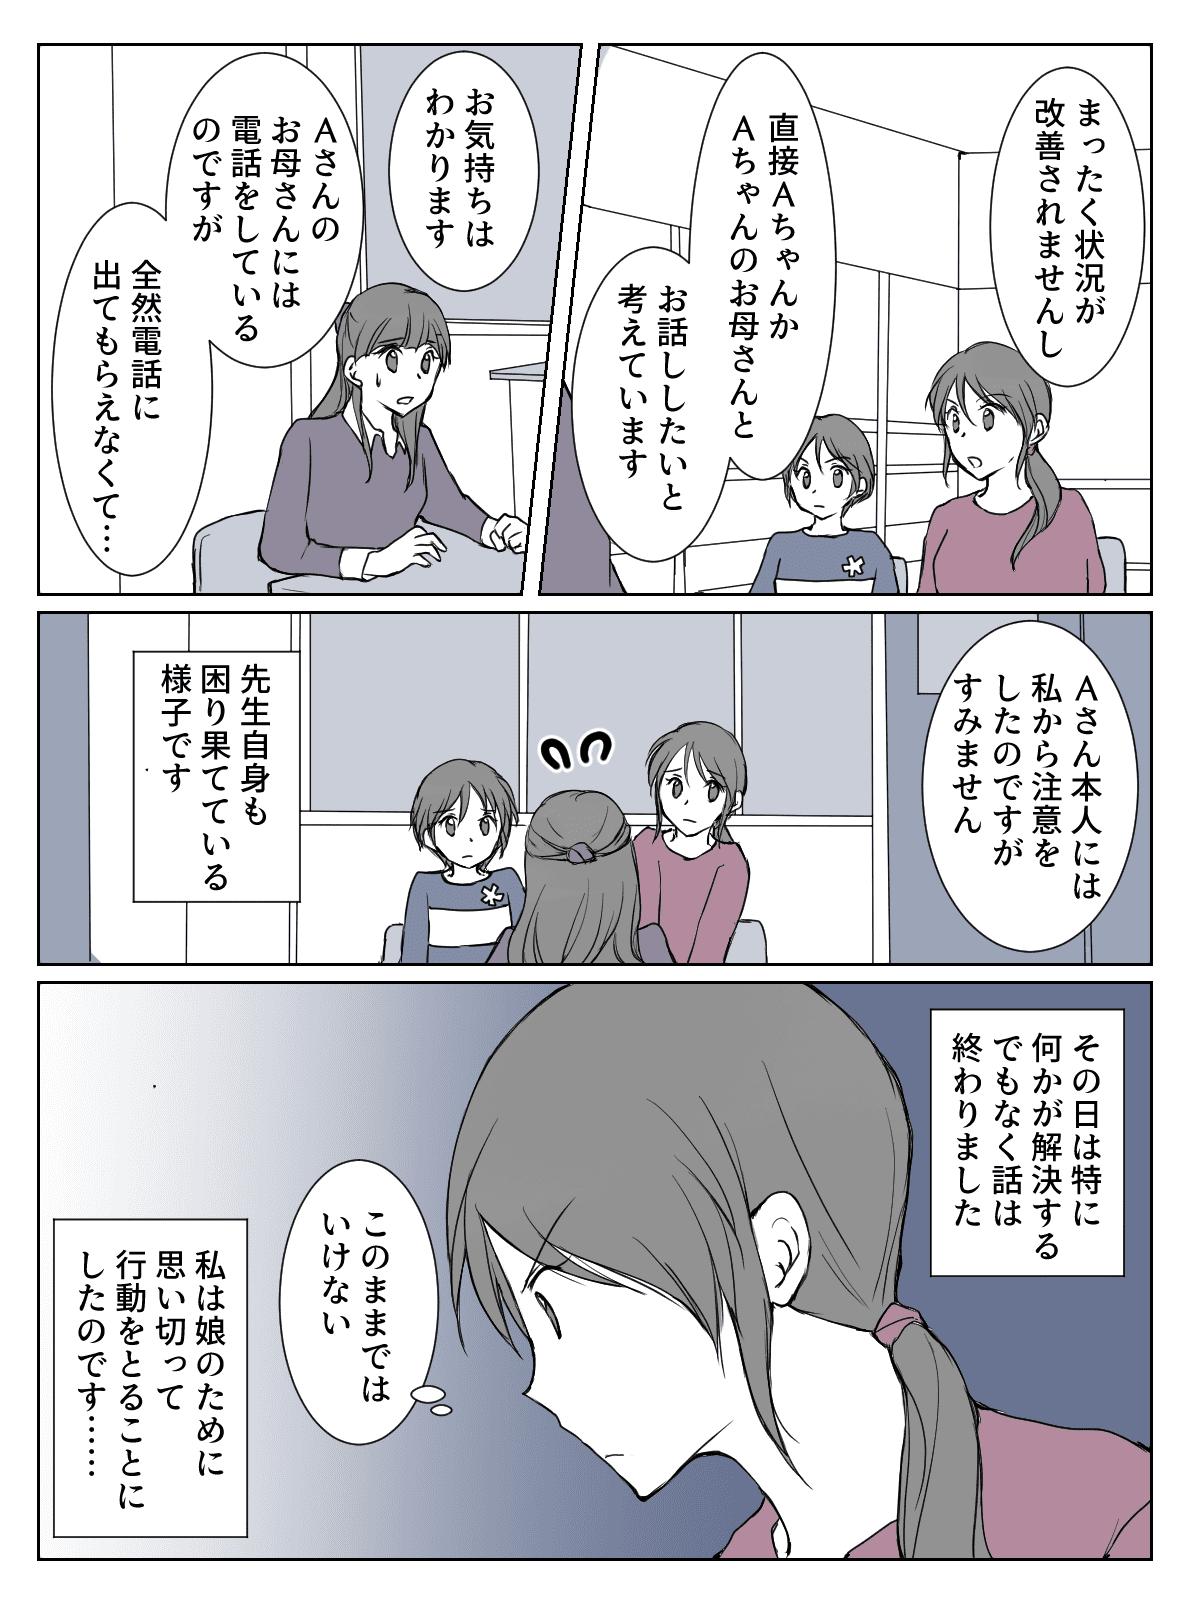 【前編】「学校行きたくない」